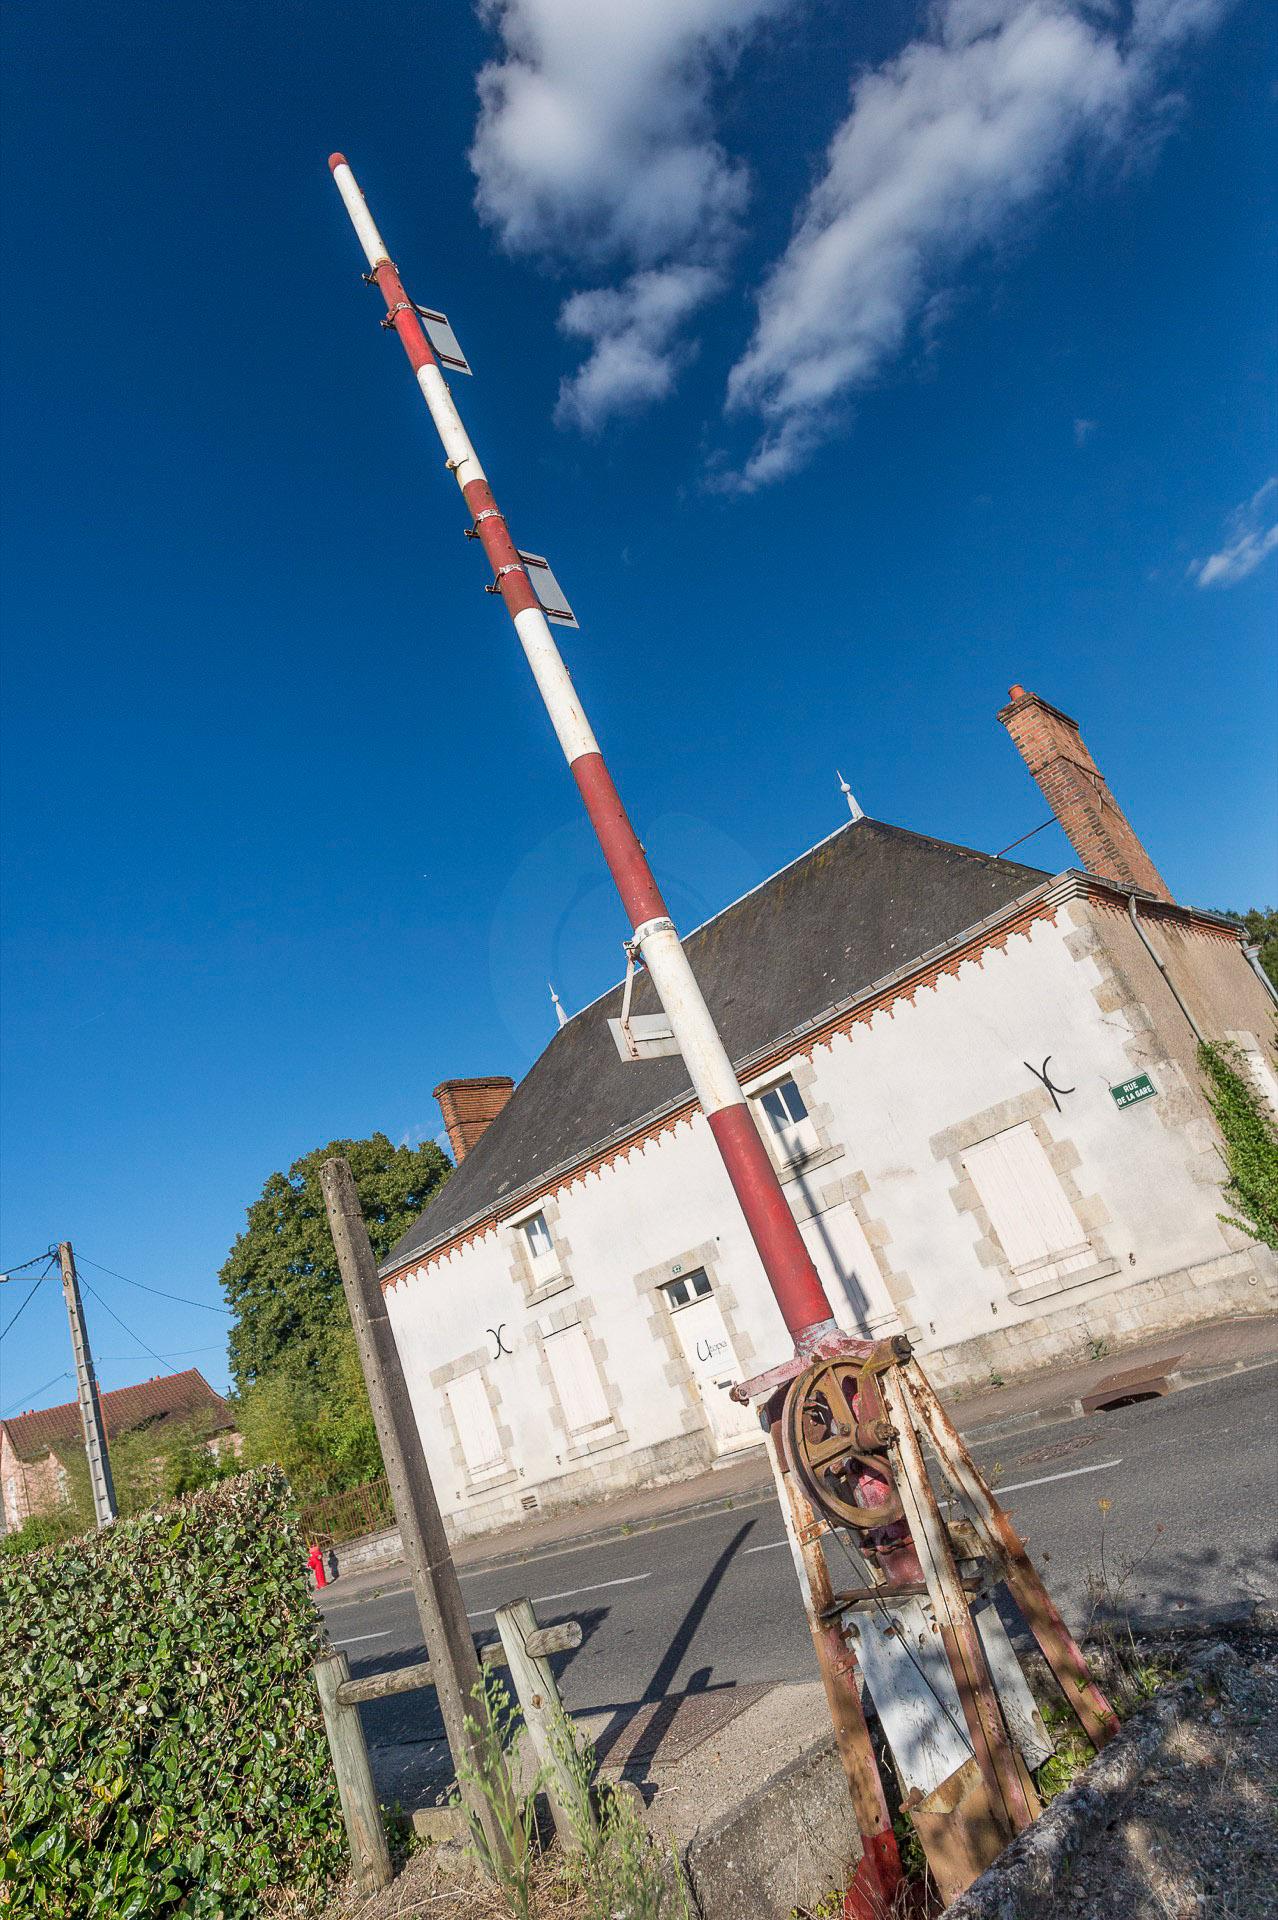 083-la-voie-ferree-687000-fermee-aux-bordes-aout-2016-1920-px